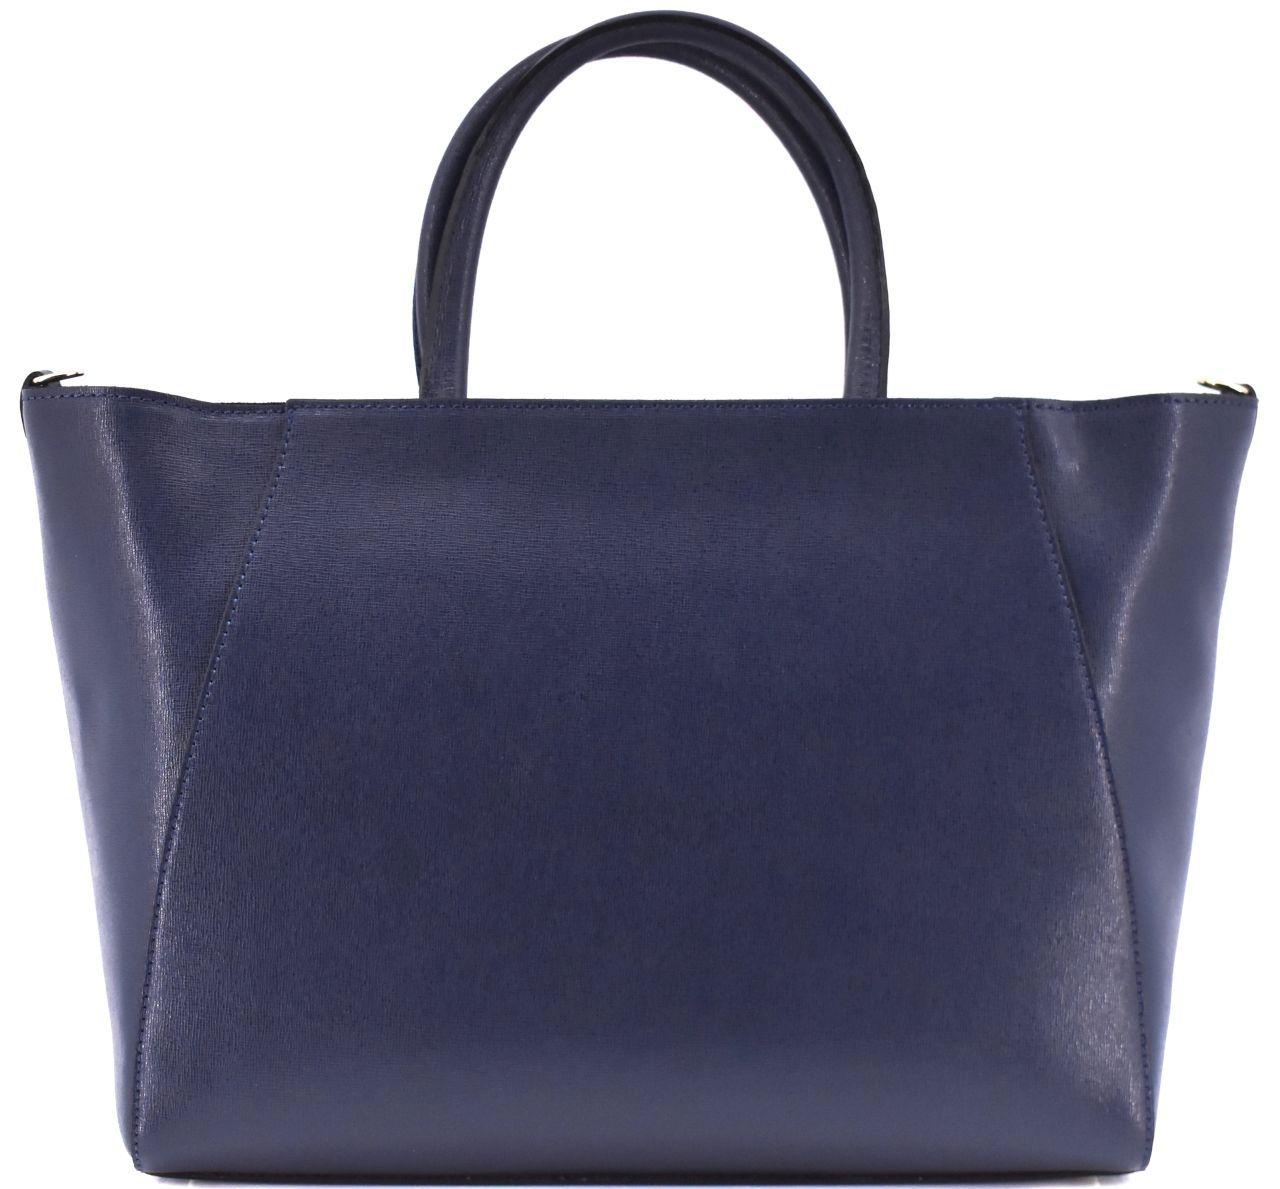 Moderní Shopper dámská kožená kabelka Arteddy - tmavě modrá 32454